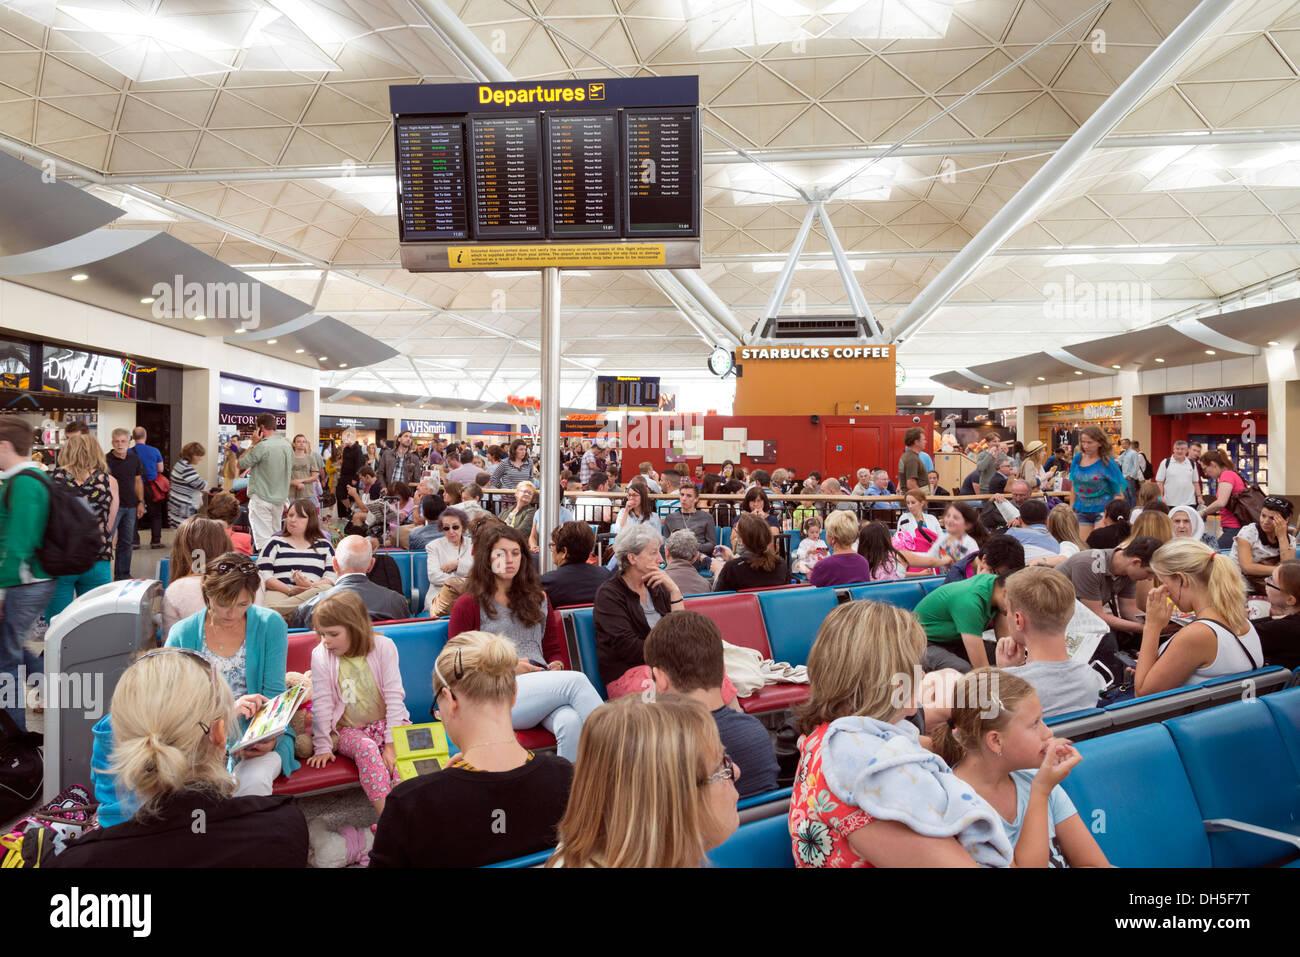 Gente esperando en la atestada sala de salidas del aeropuerto de Stansted, Inglaterra, Reino Unido. Imagen De Stock